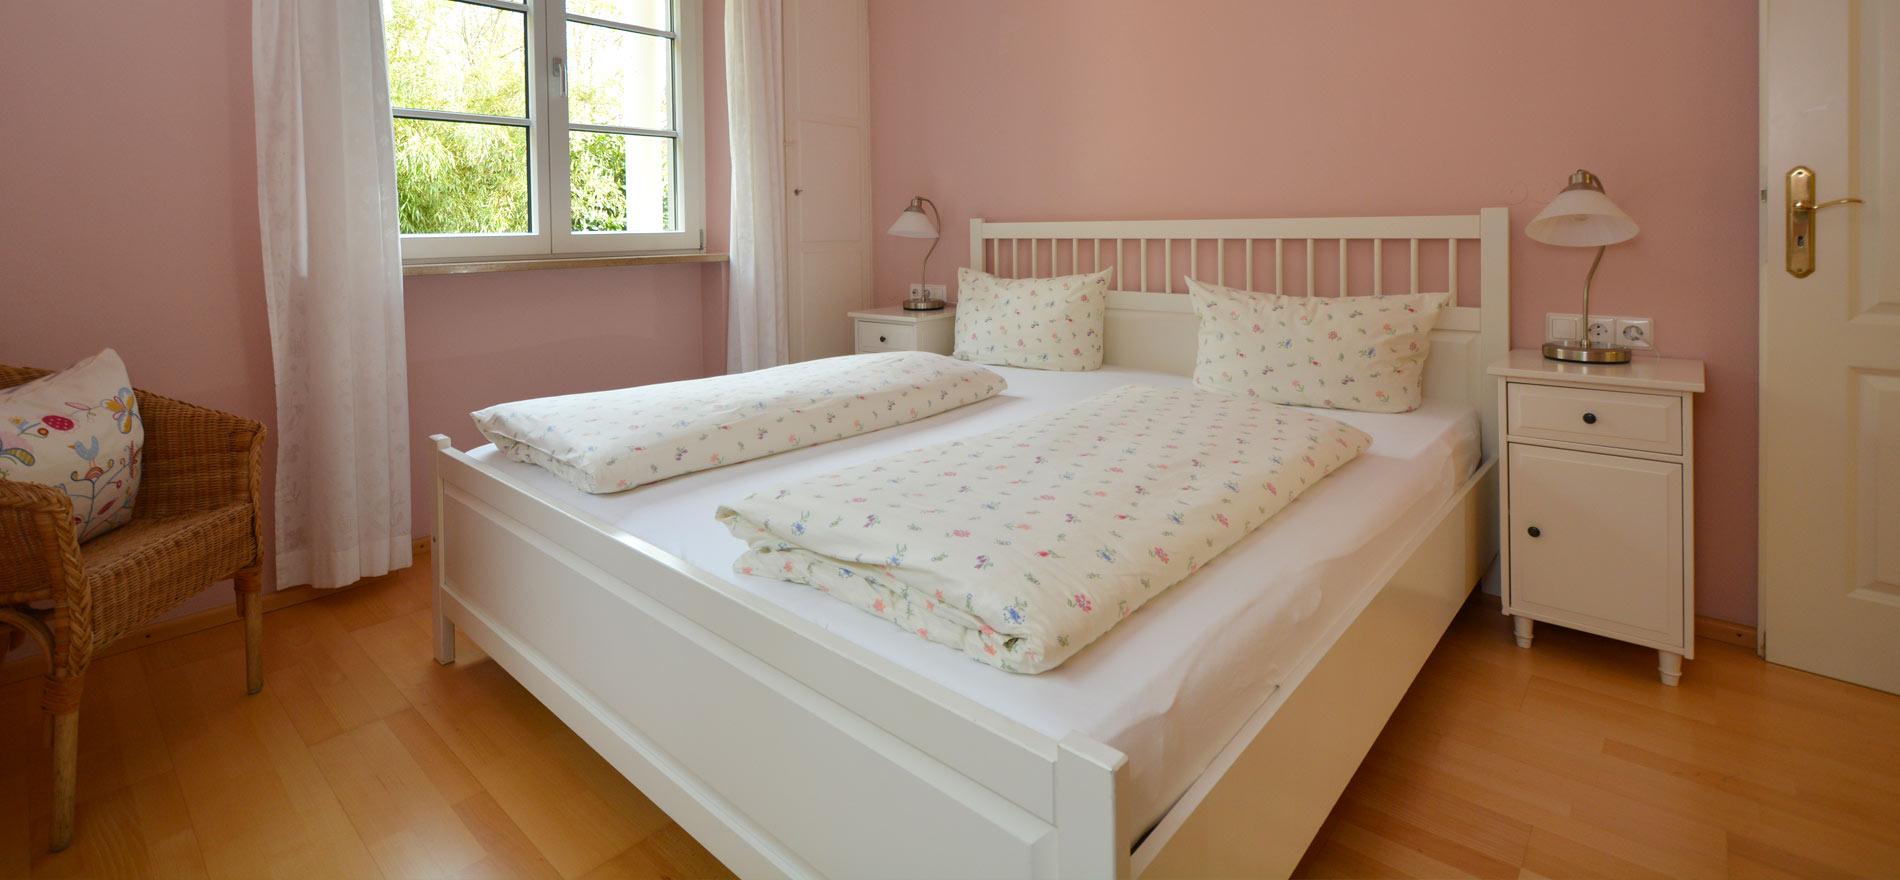 Ferienwohnung Pfarrhaus in Meersburg - Wohnung 4 5